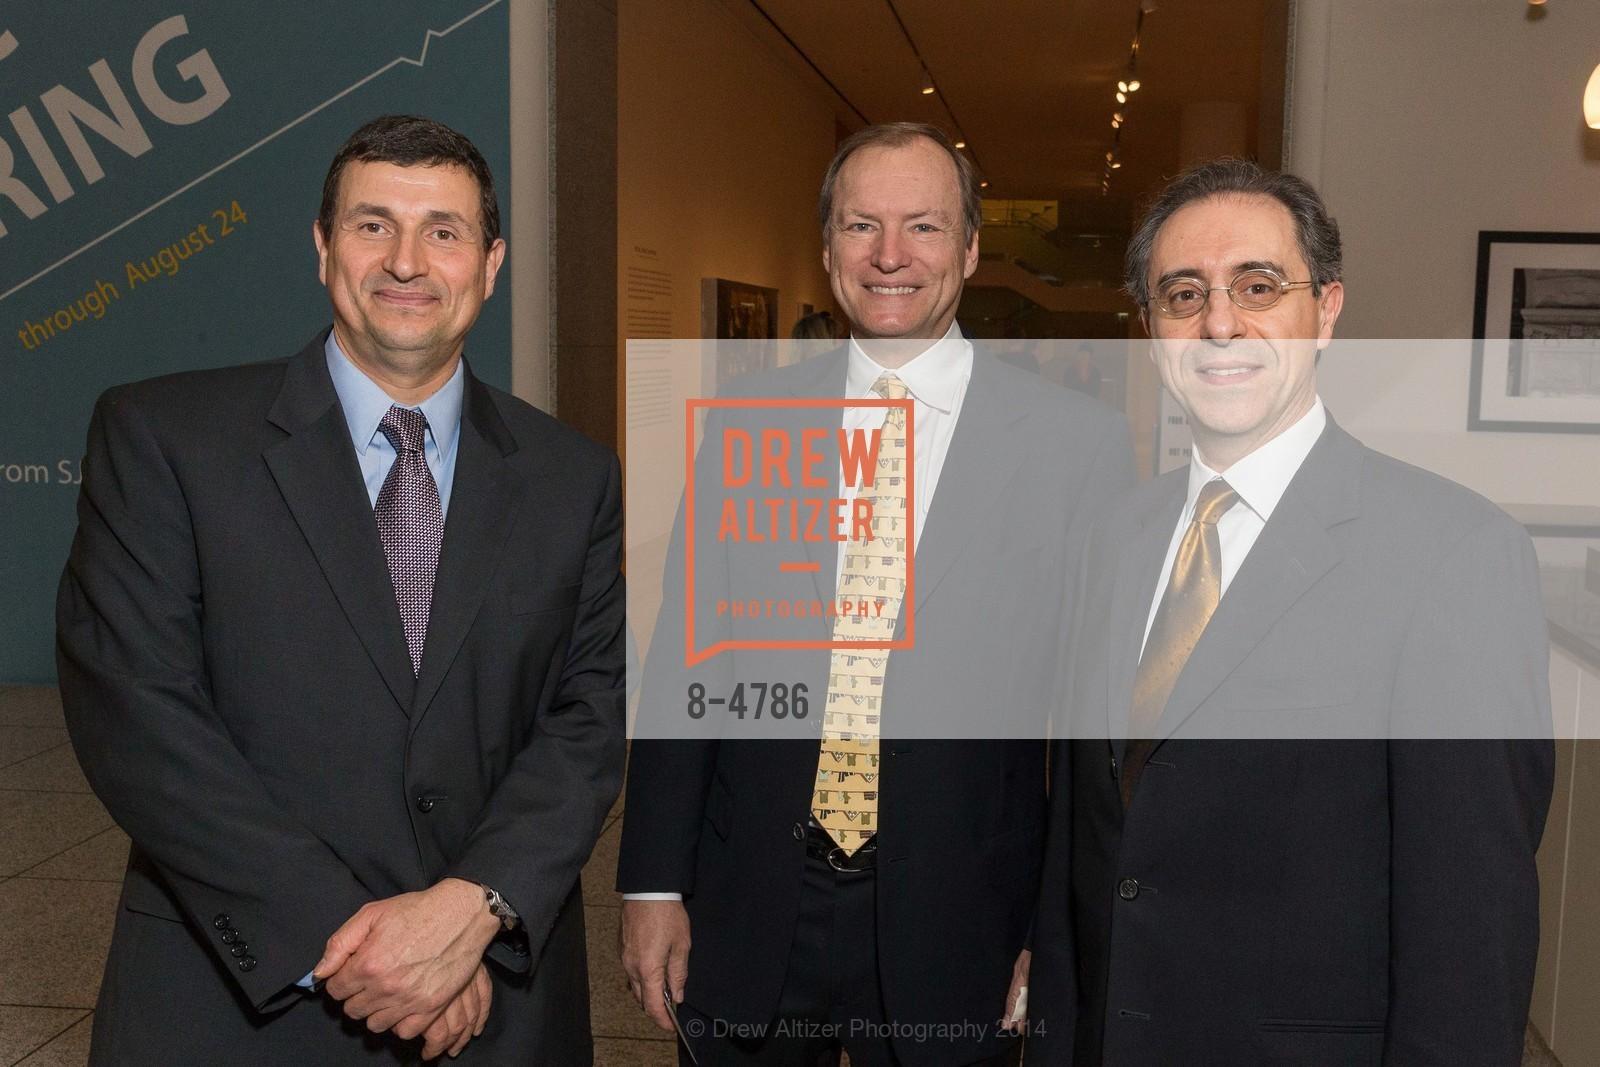 Roman Stehling, Al Smith, Kostas Grigorakis, Photo #8-4786